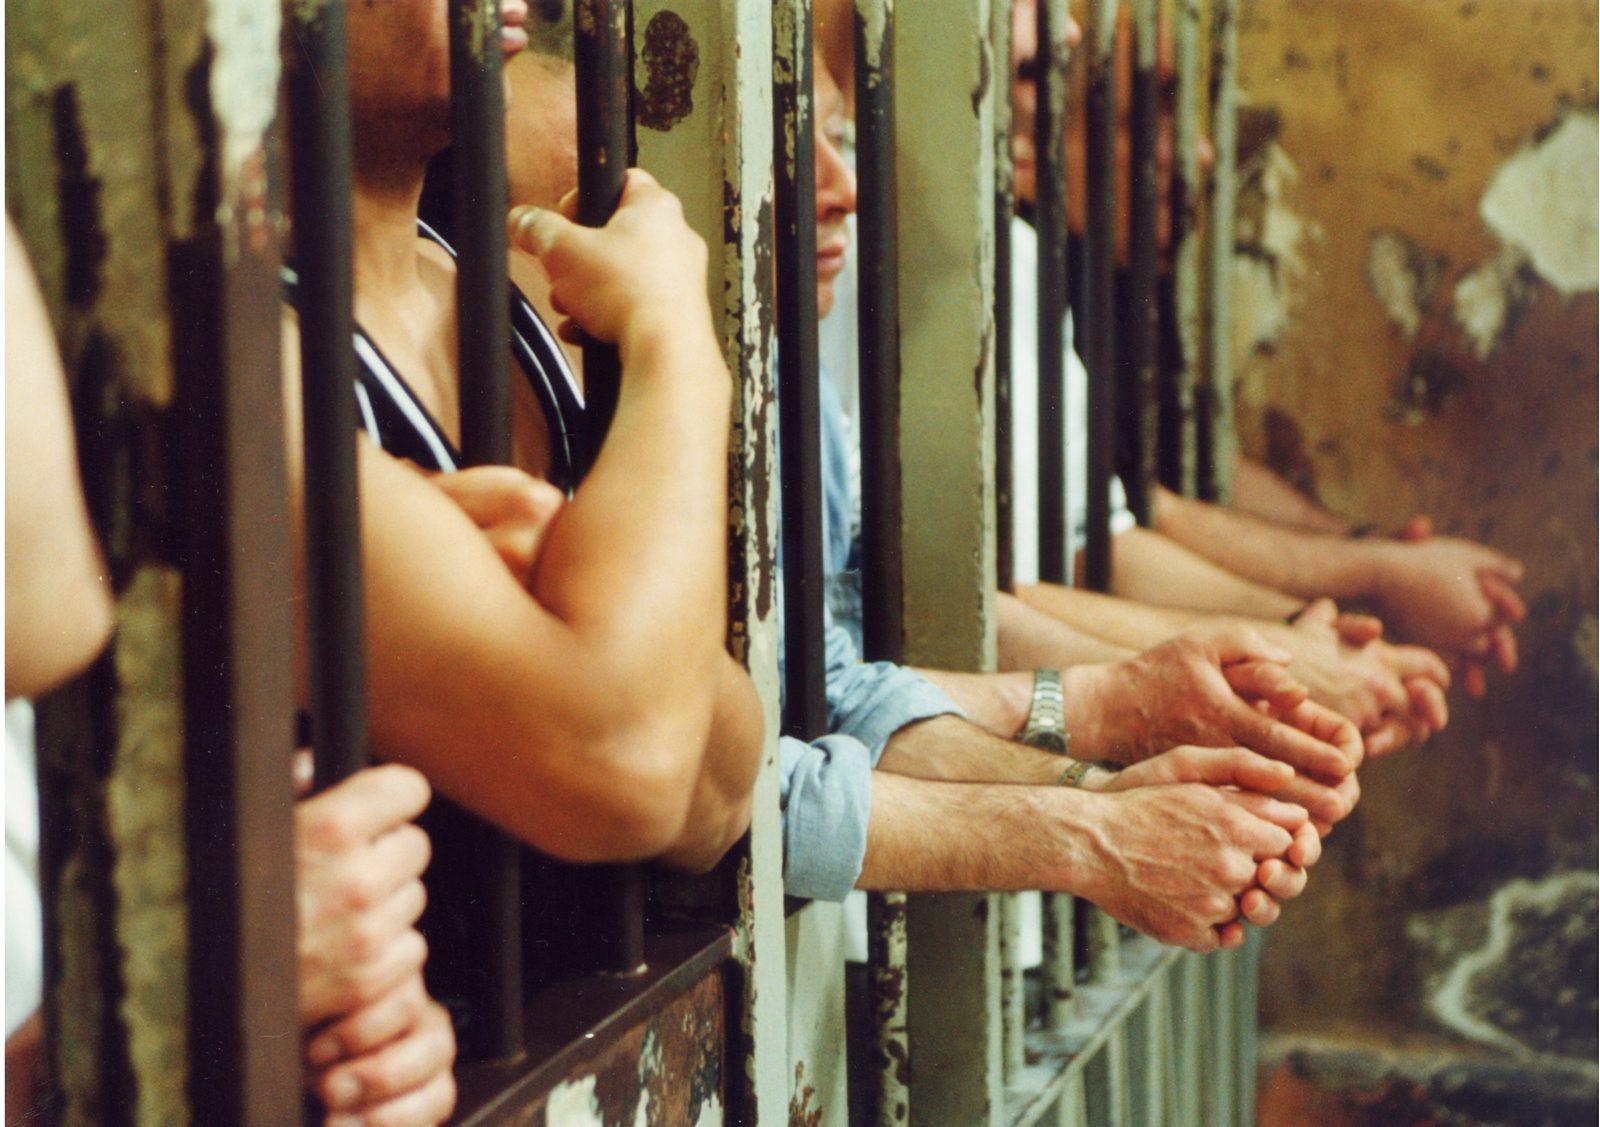 Quali sono le condizioni delle carceri italiane